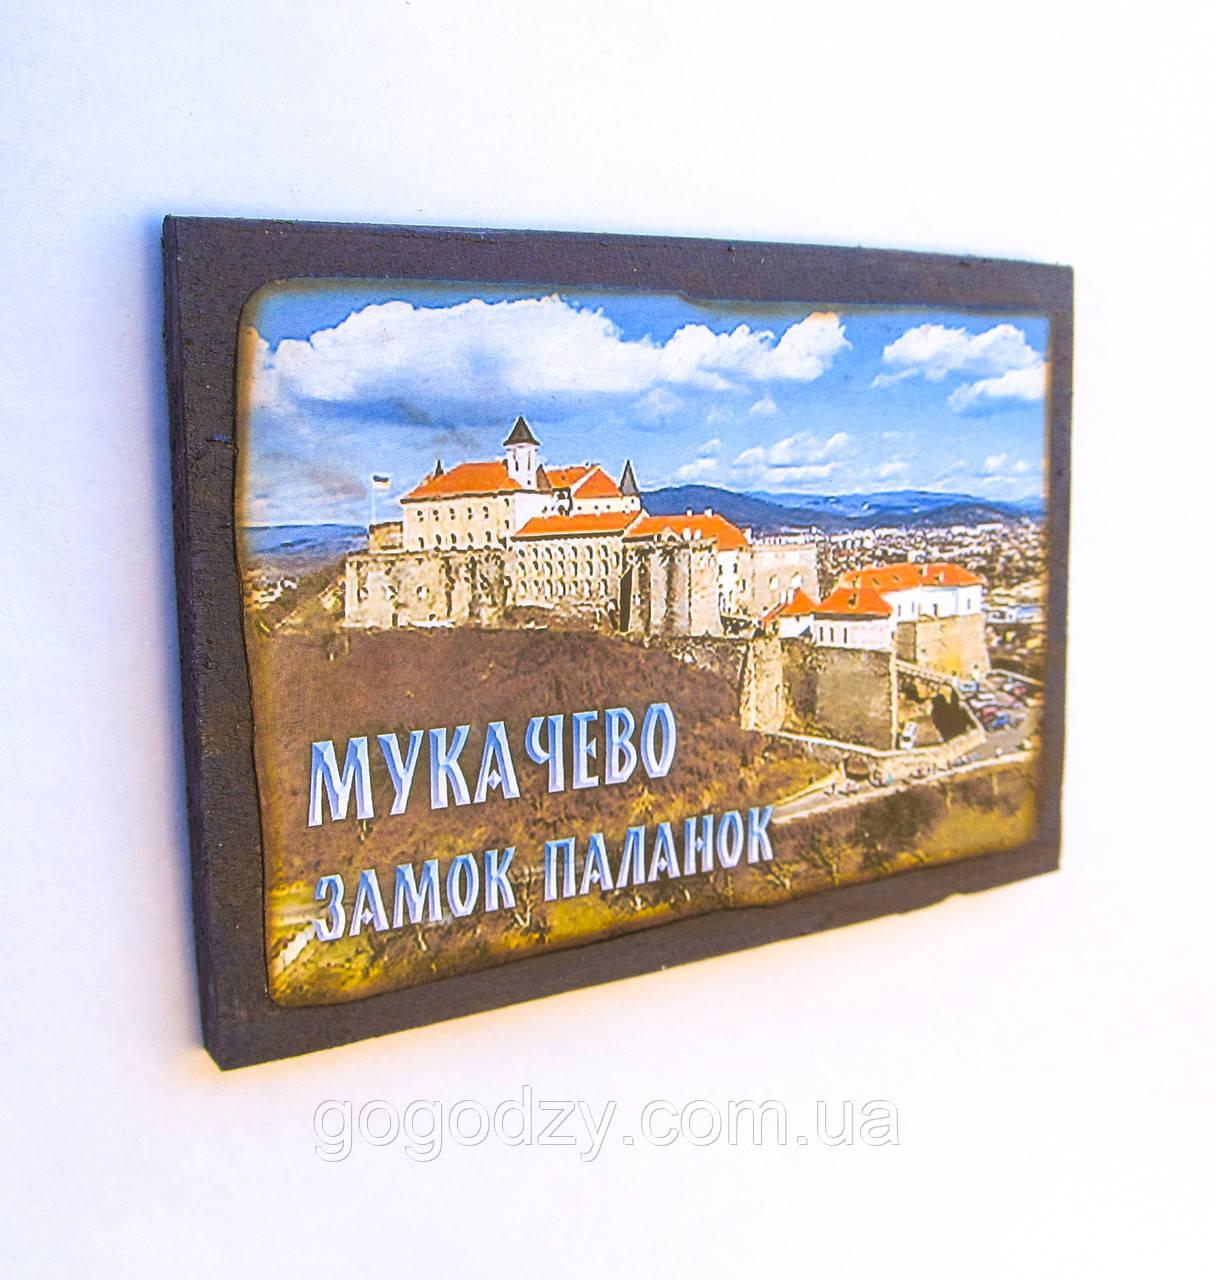 Магнітик дерев'яний Мукачево Замок